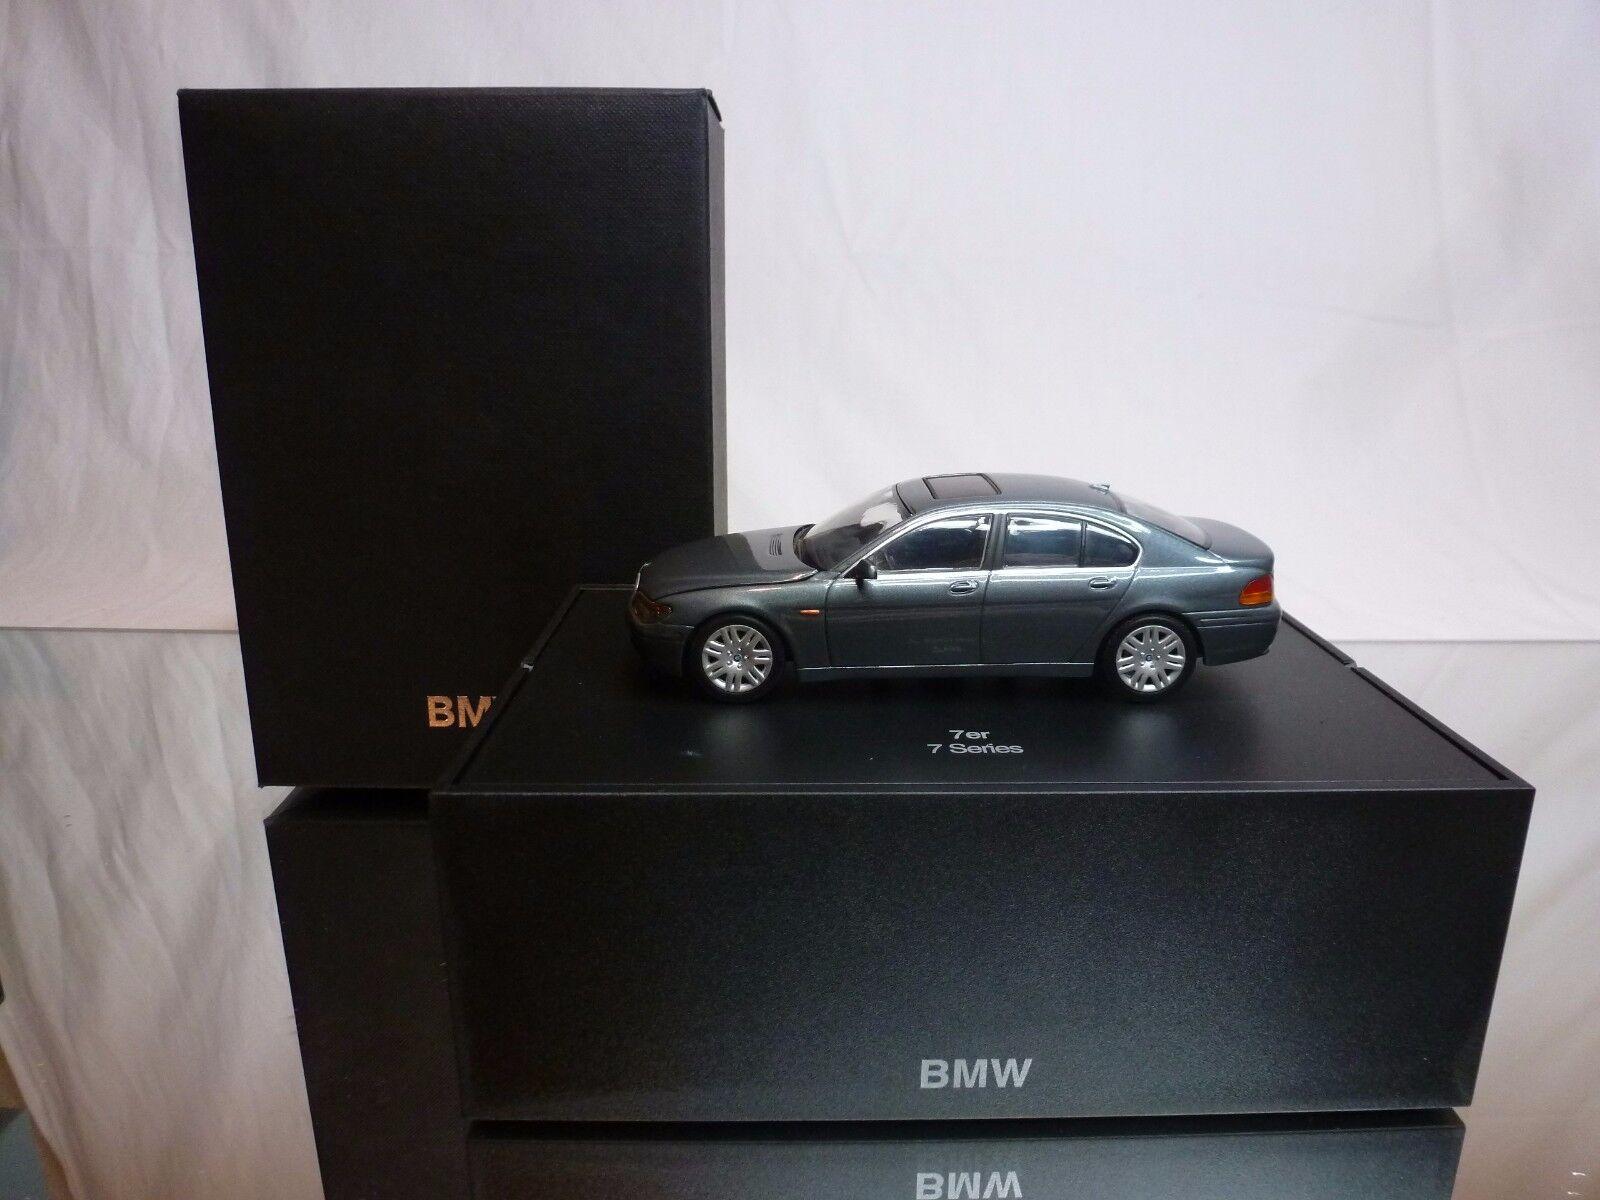 MINISTAMPS BMW 7 SERIER - GREE METALLISK 1 43 - GOD I DELER låda